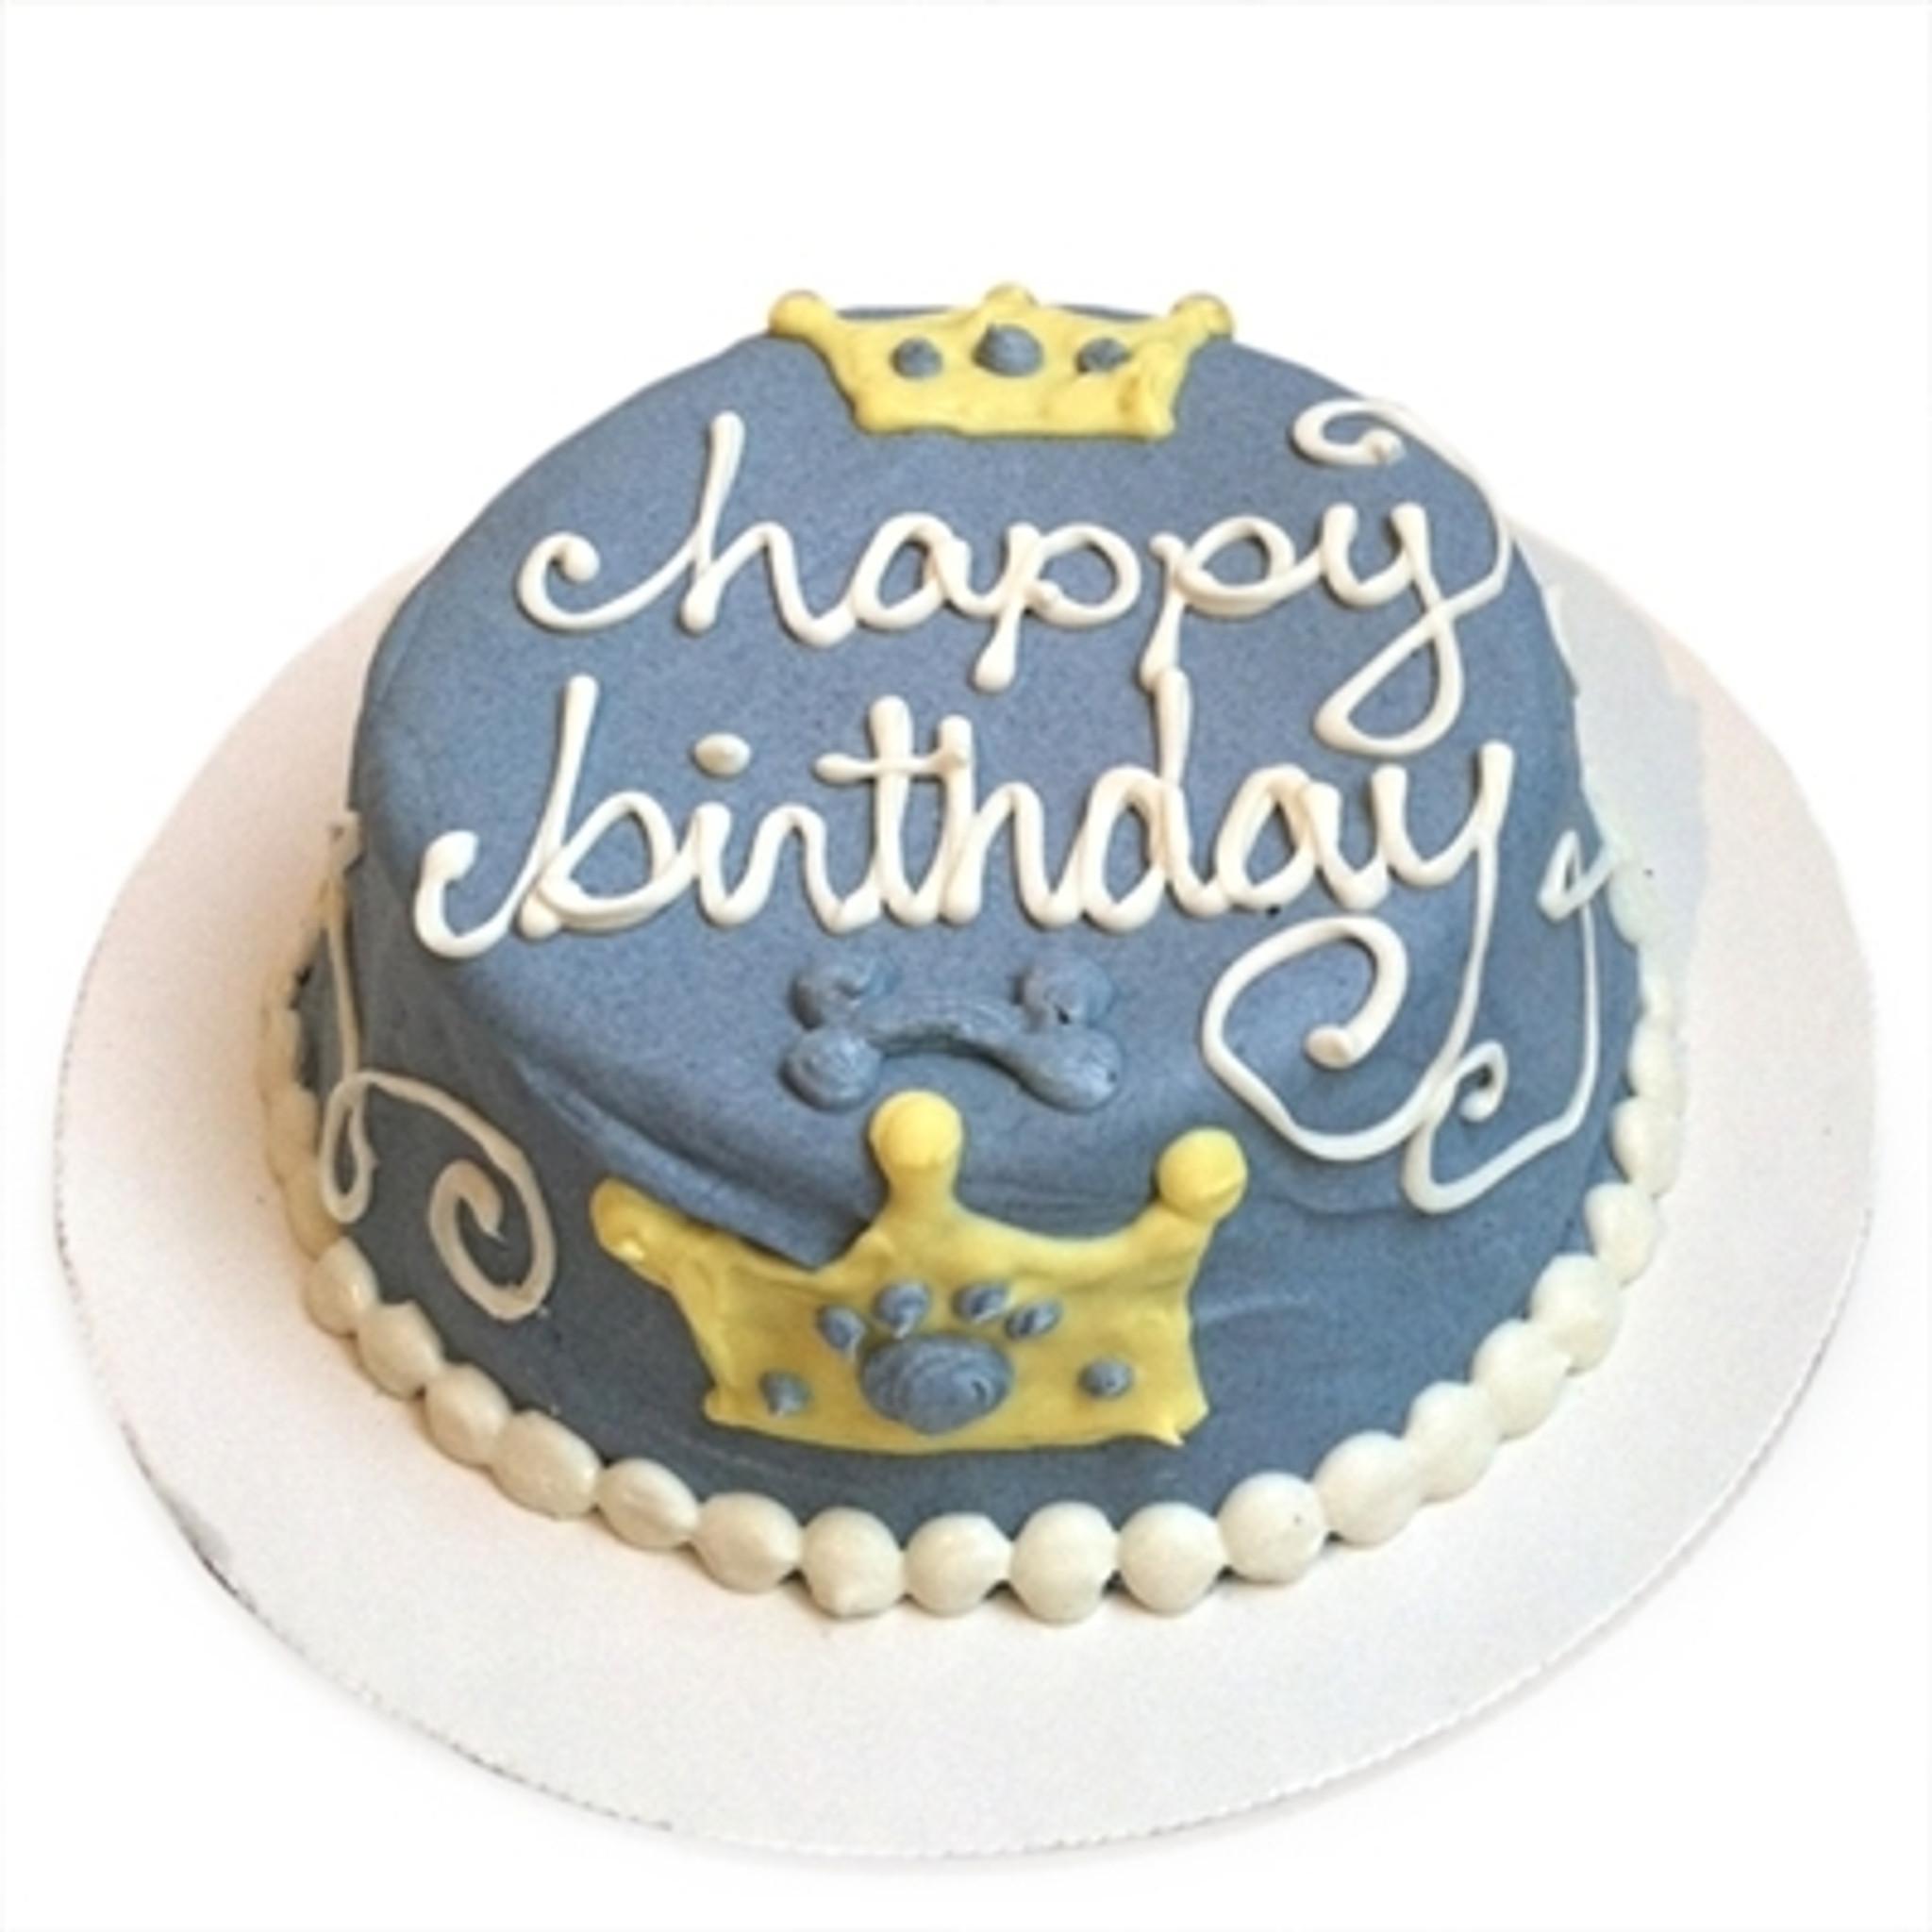 Surprising Doggie Birthday Cakes Blue Prince Dog Birthday Cake Funny Birthday Cards Online Inifofree Goldxyz